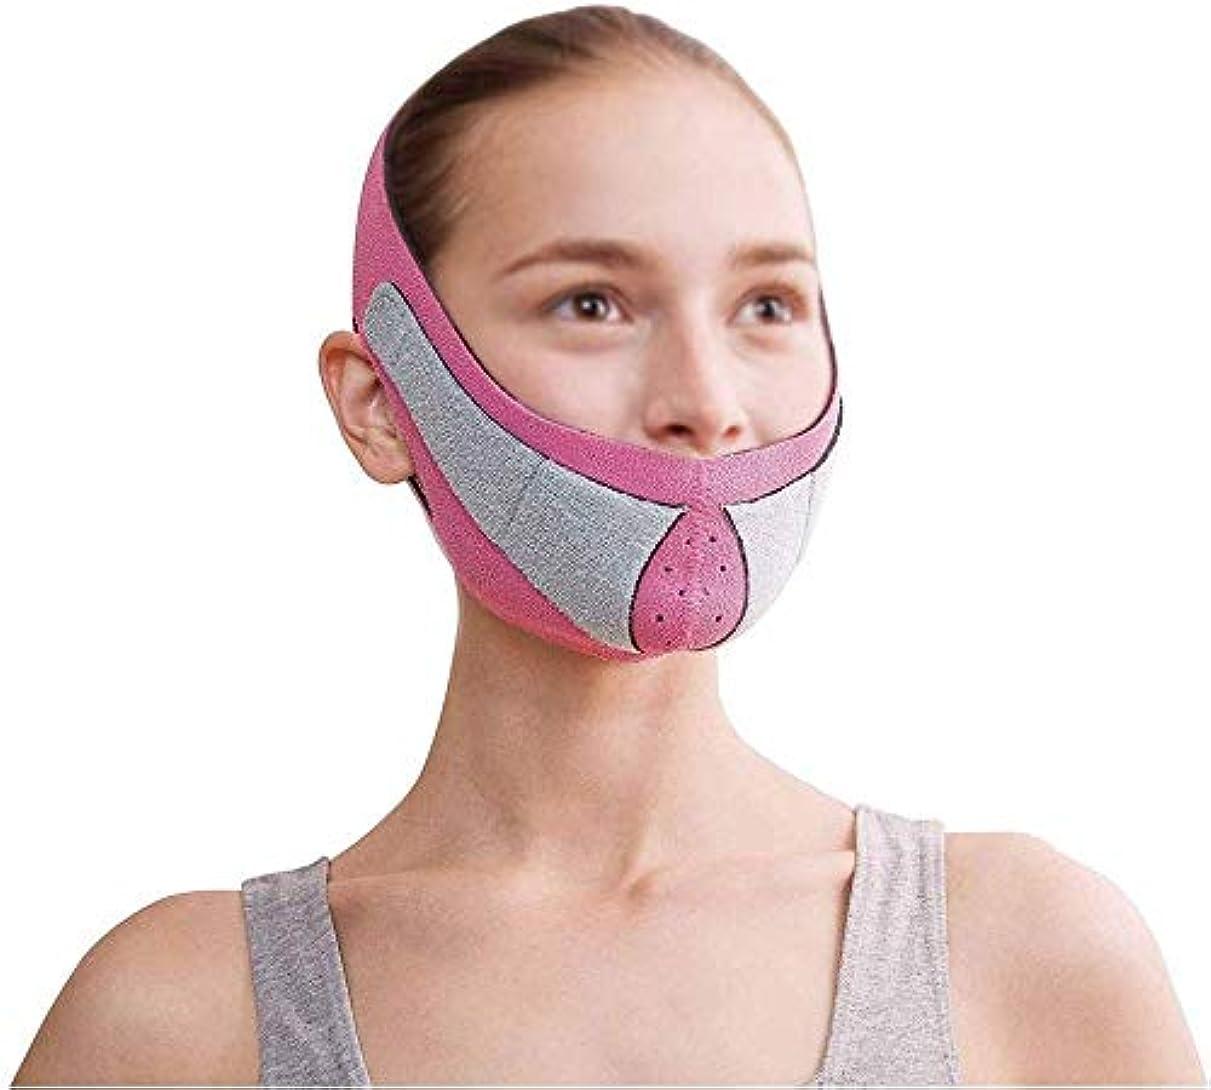 繁栄単調な急流美容と実用的なフェイスリフトマスク、たるみ防止引き締め法パターンフェイシャルリフティングリフティングマスク